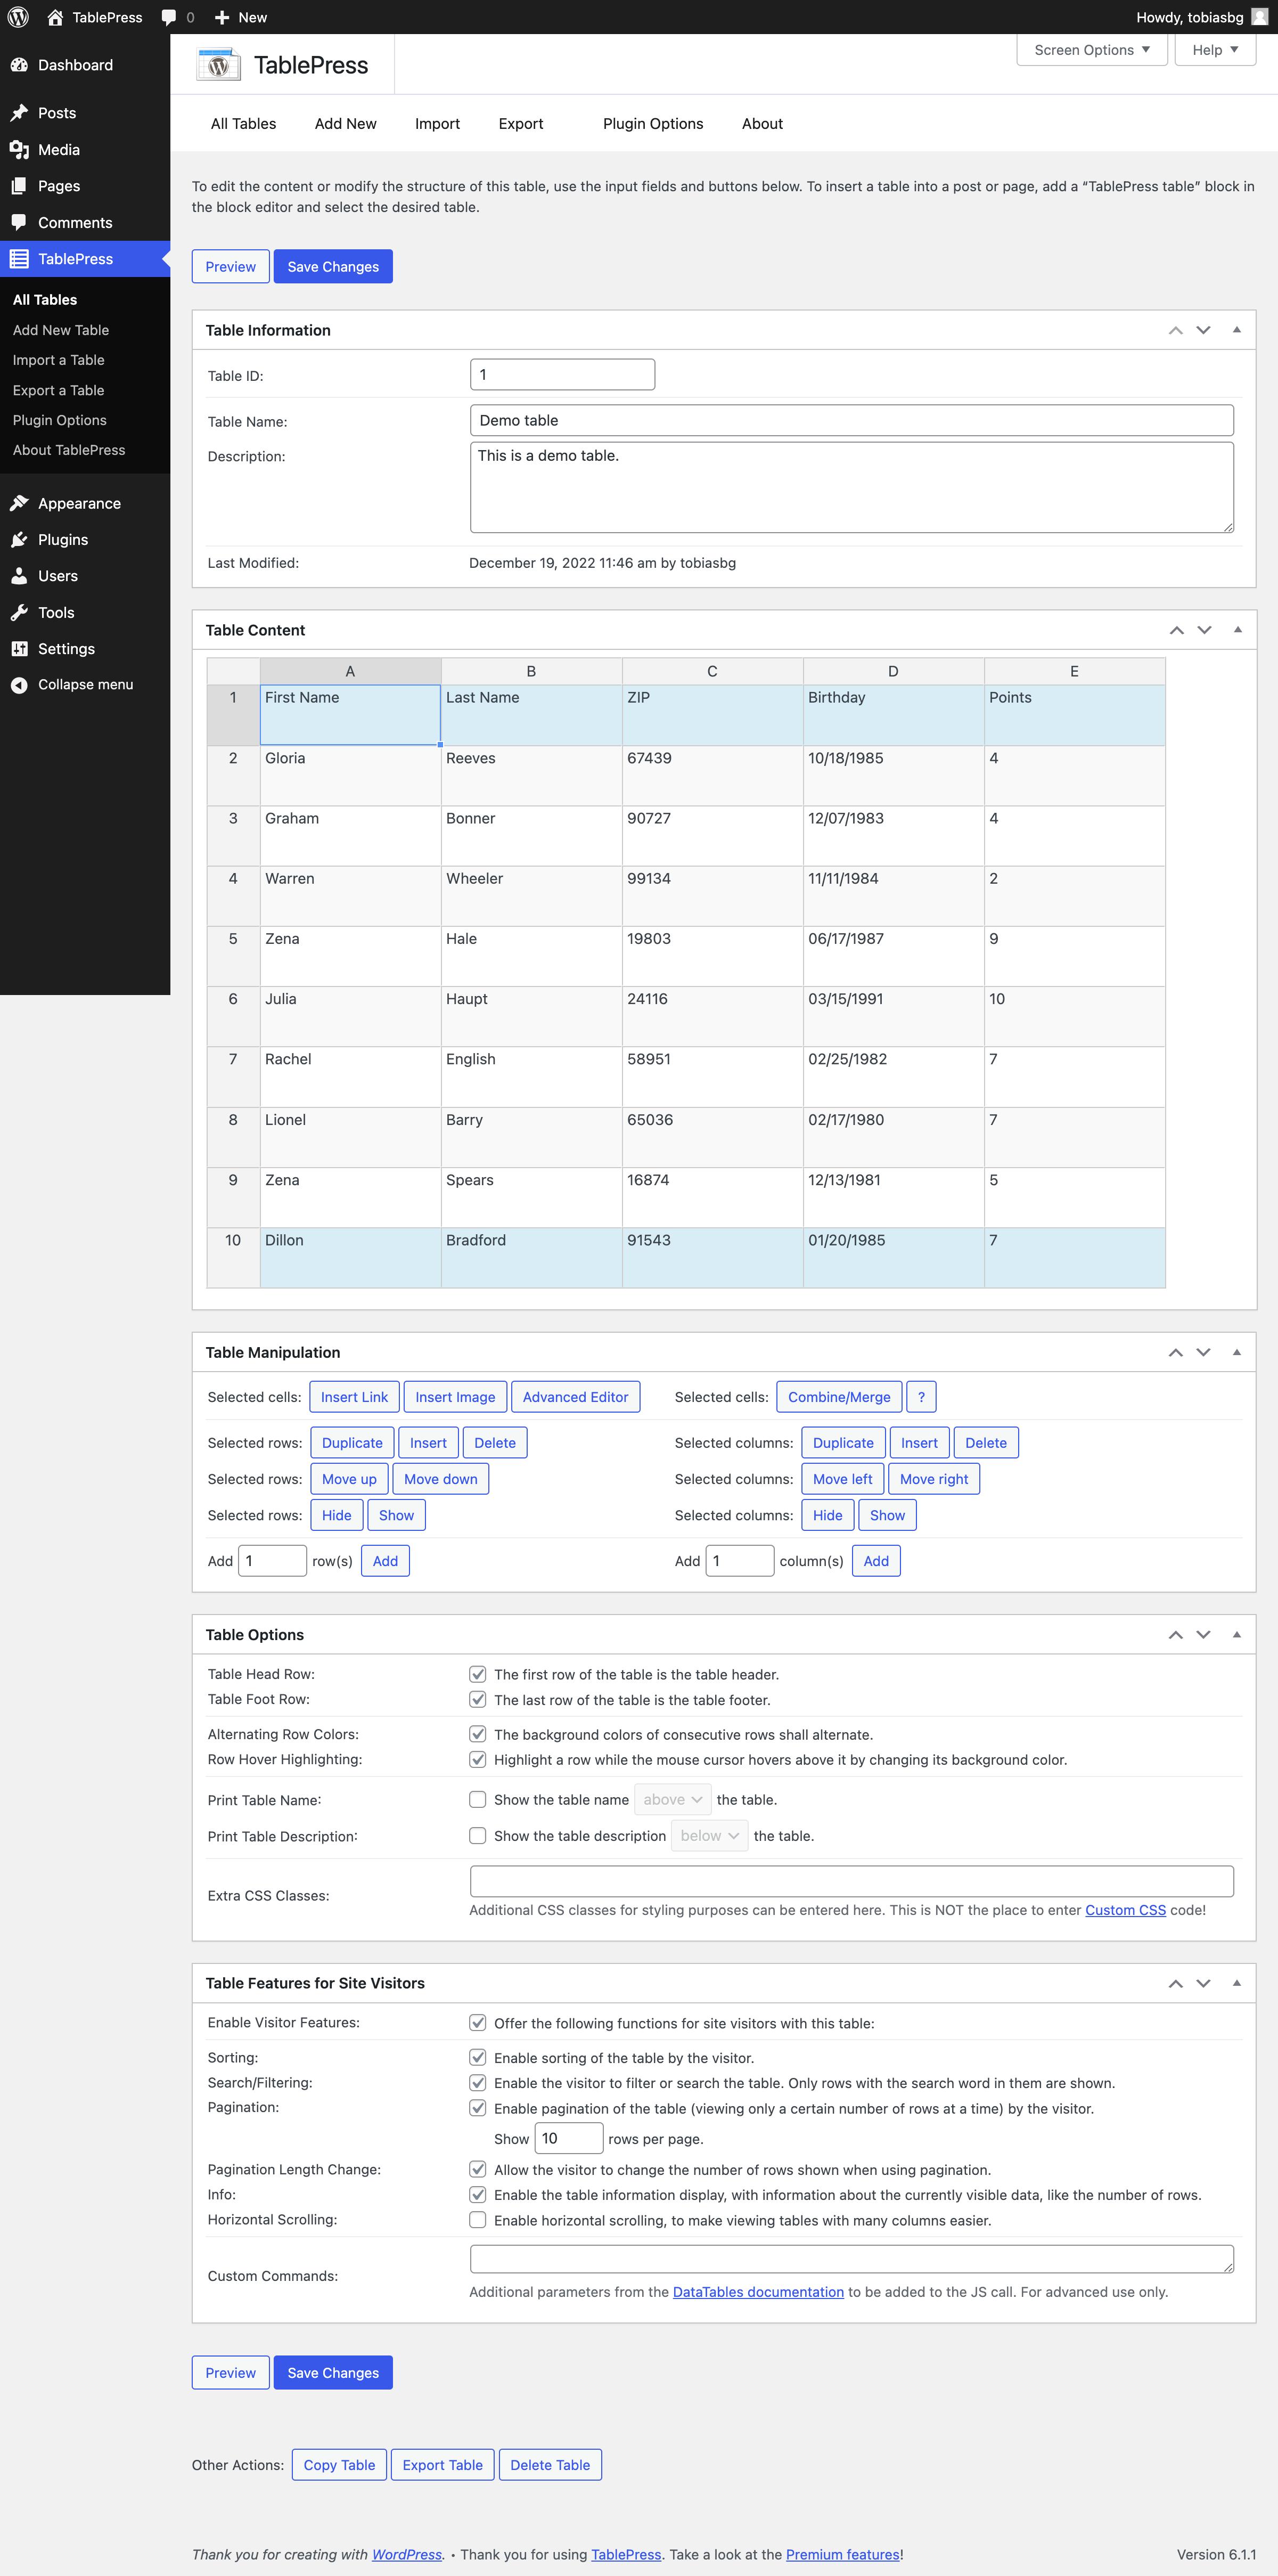 TablePress - Edit a table